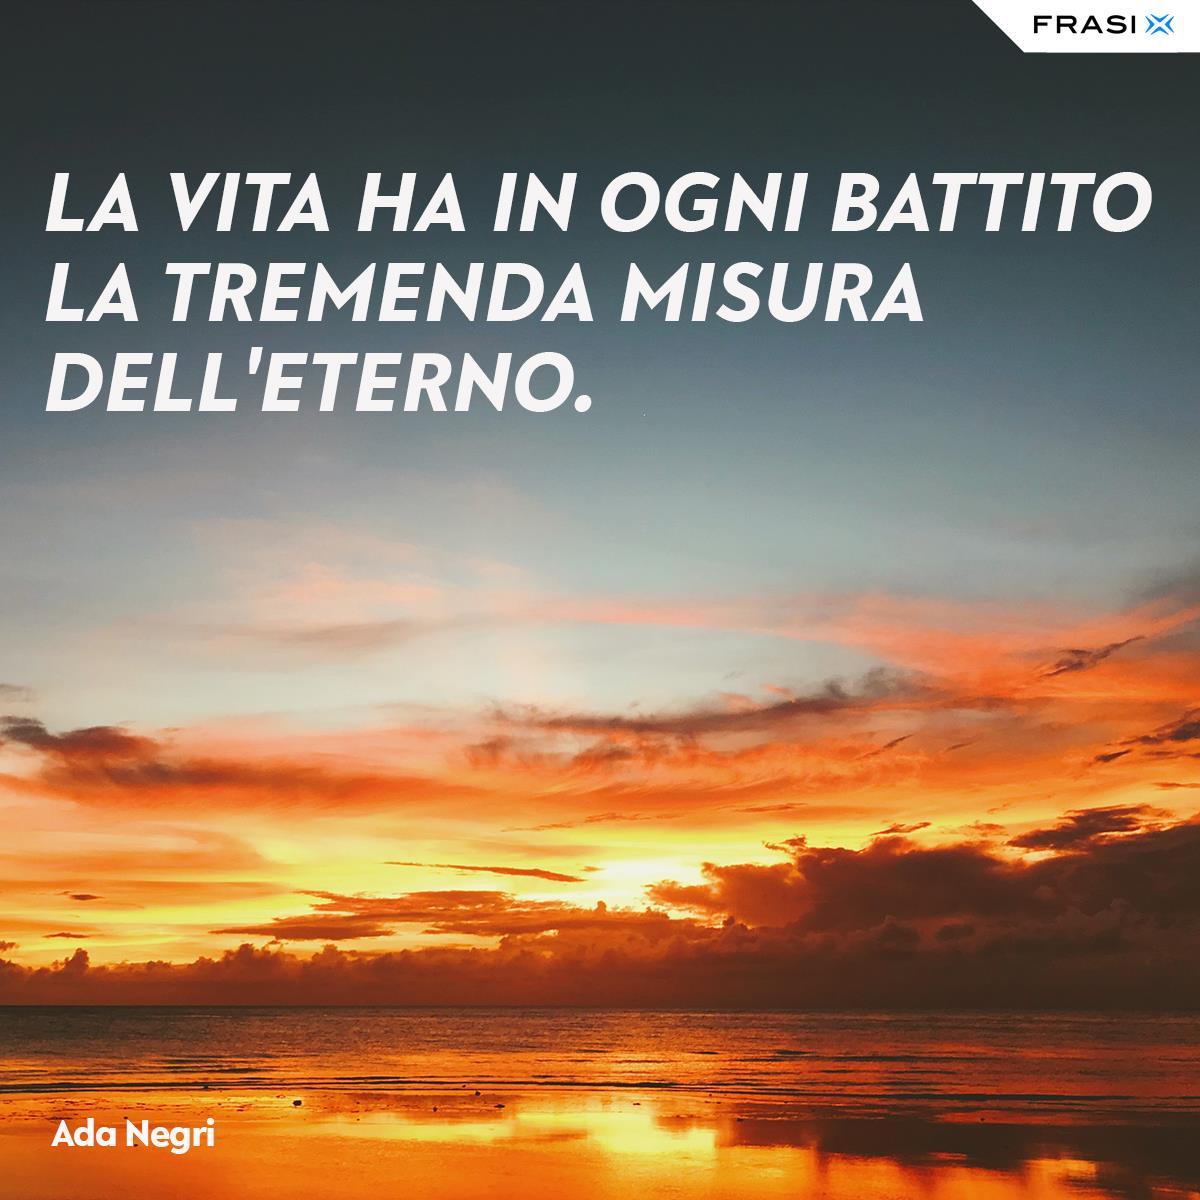 Frasi sulla vita per Facebook Ada Negri